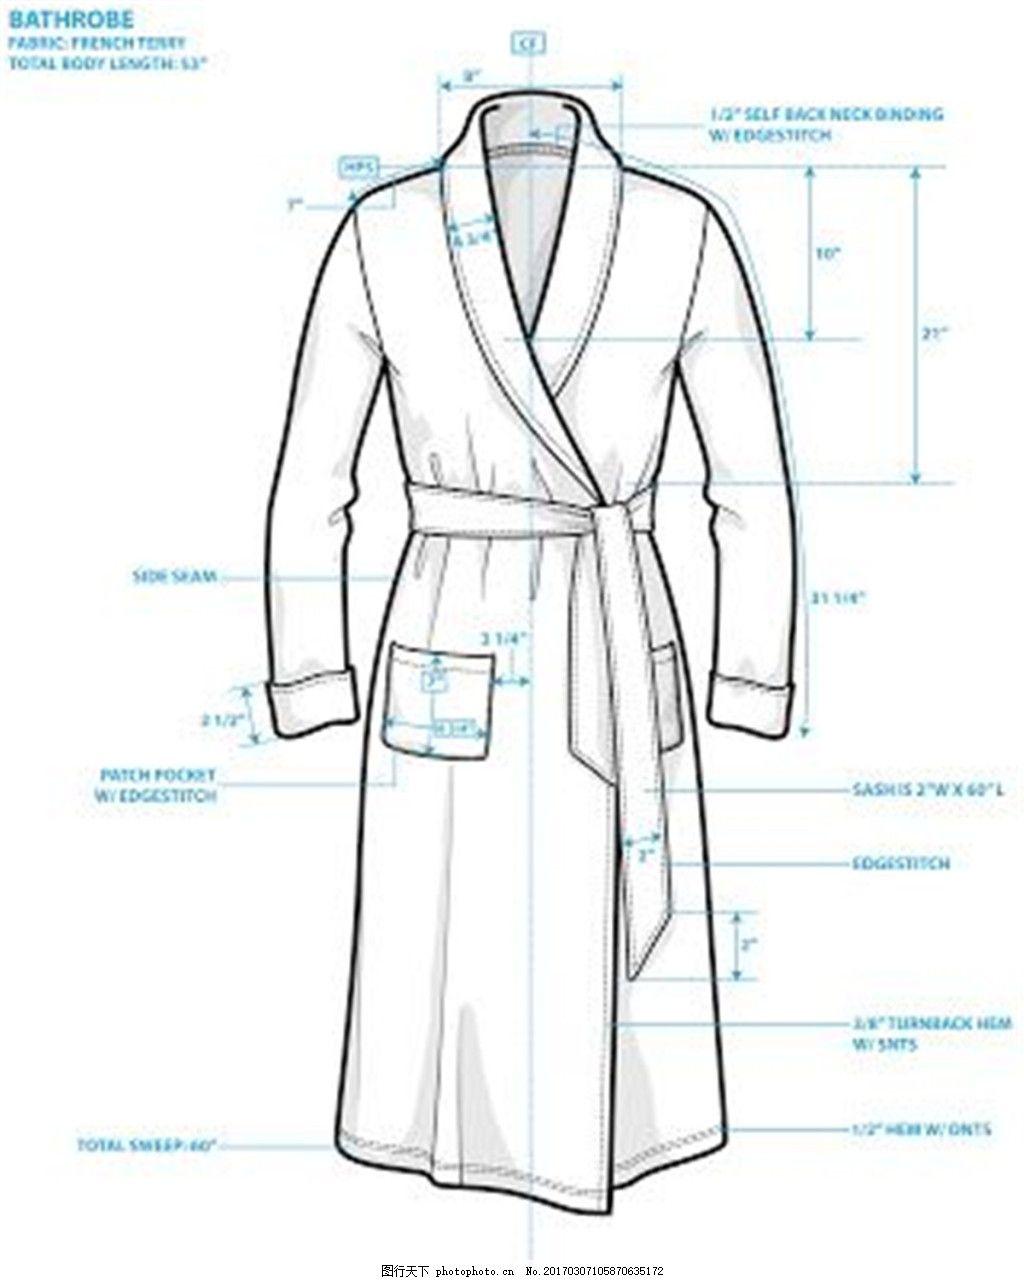 设计图库 现代科技 服装设计  长袍设计图 服装设计 时尚女装 职业装